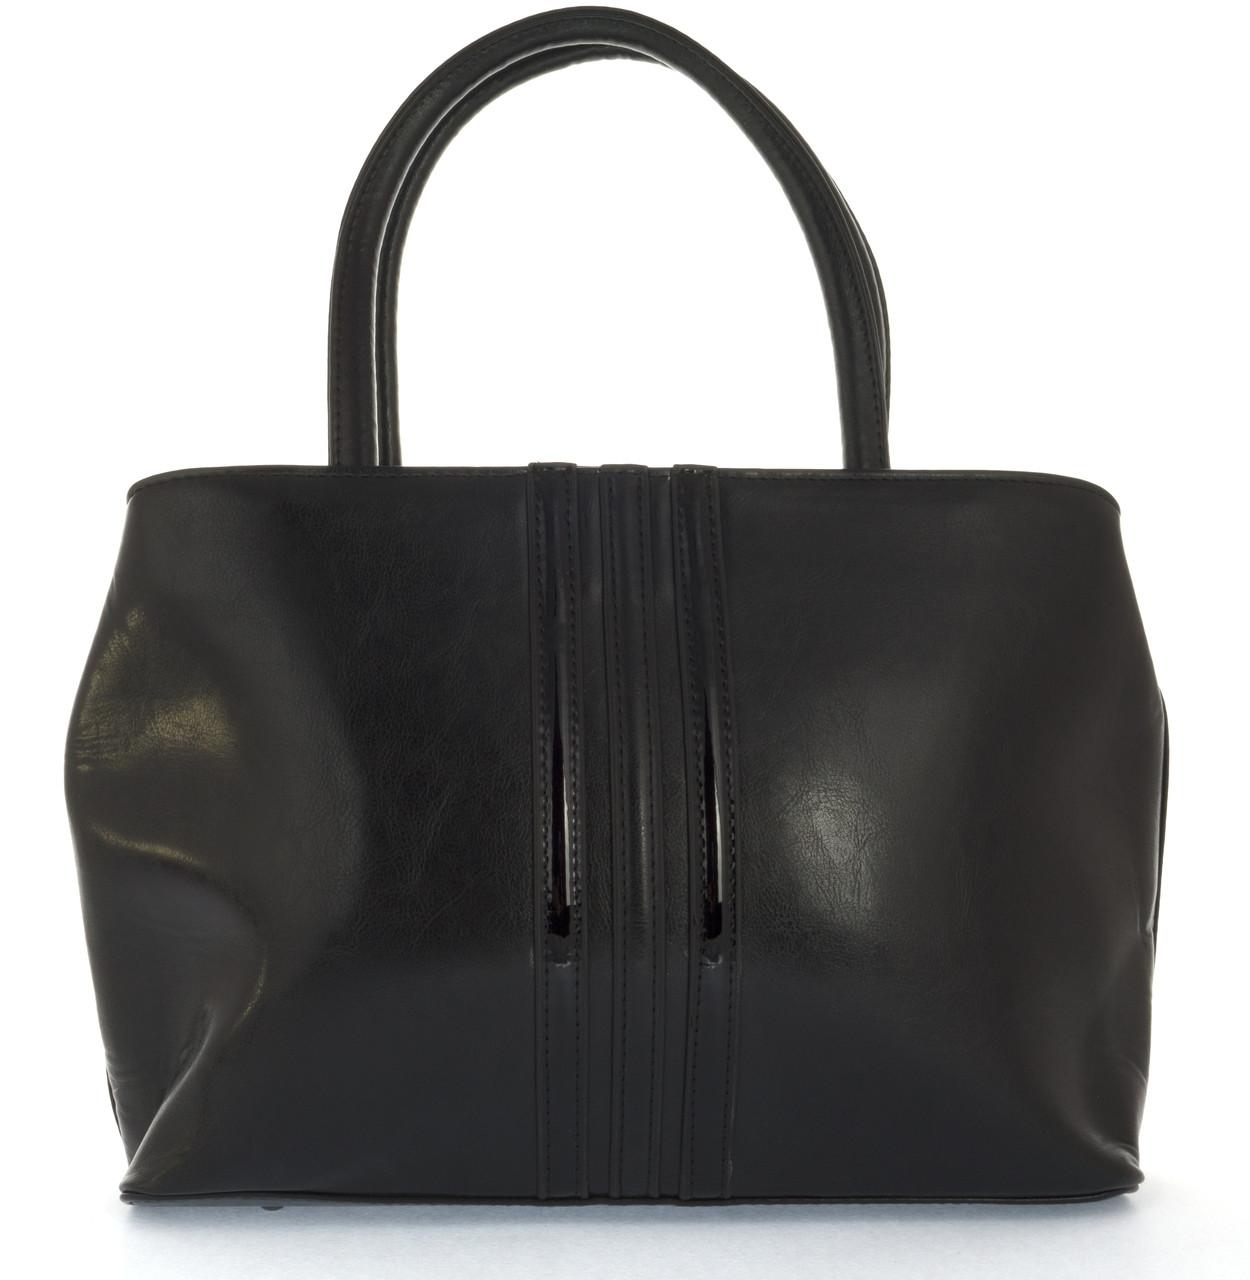 Недорогая качественная вместительная женская сумка BALINA art. 920